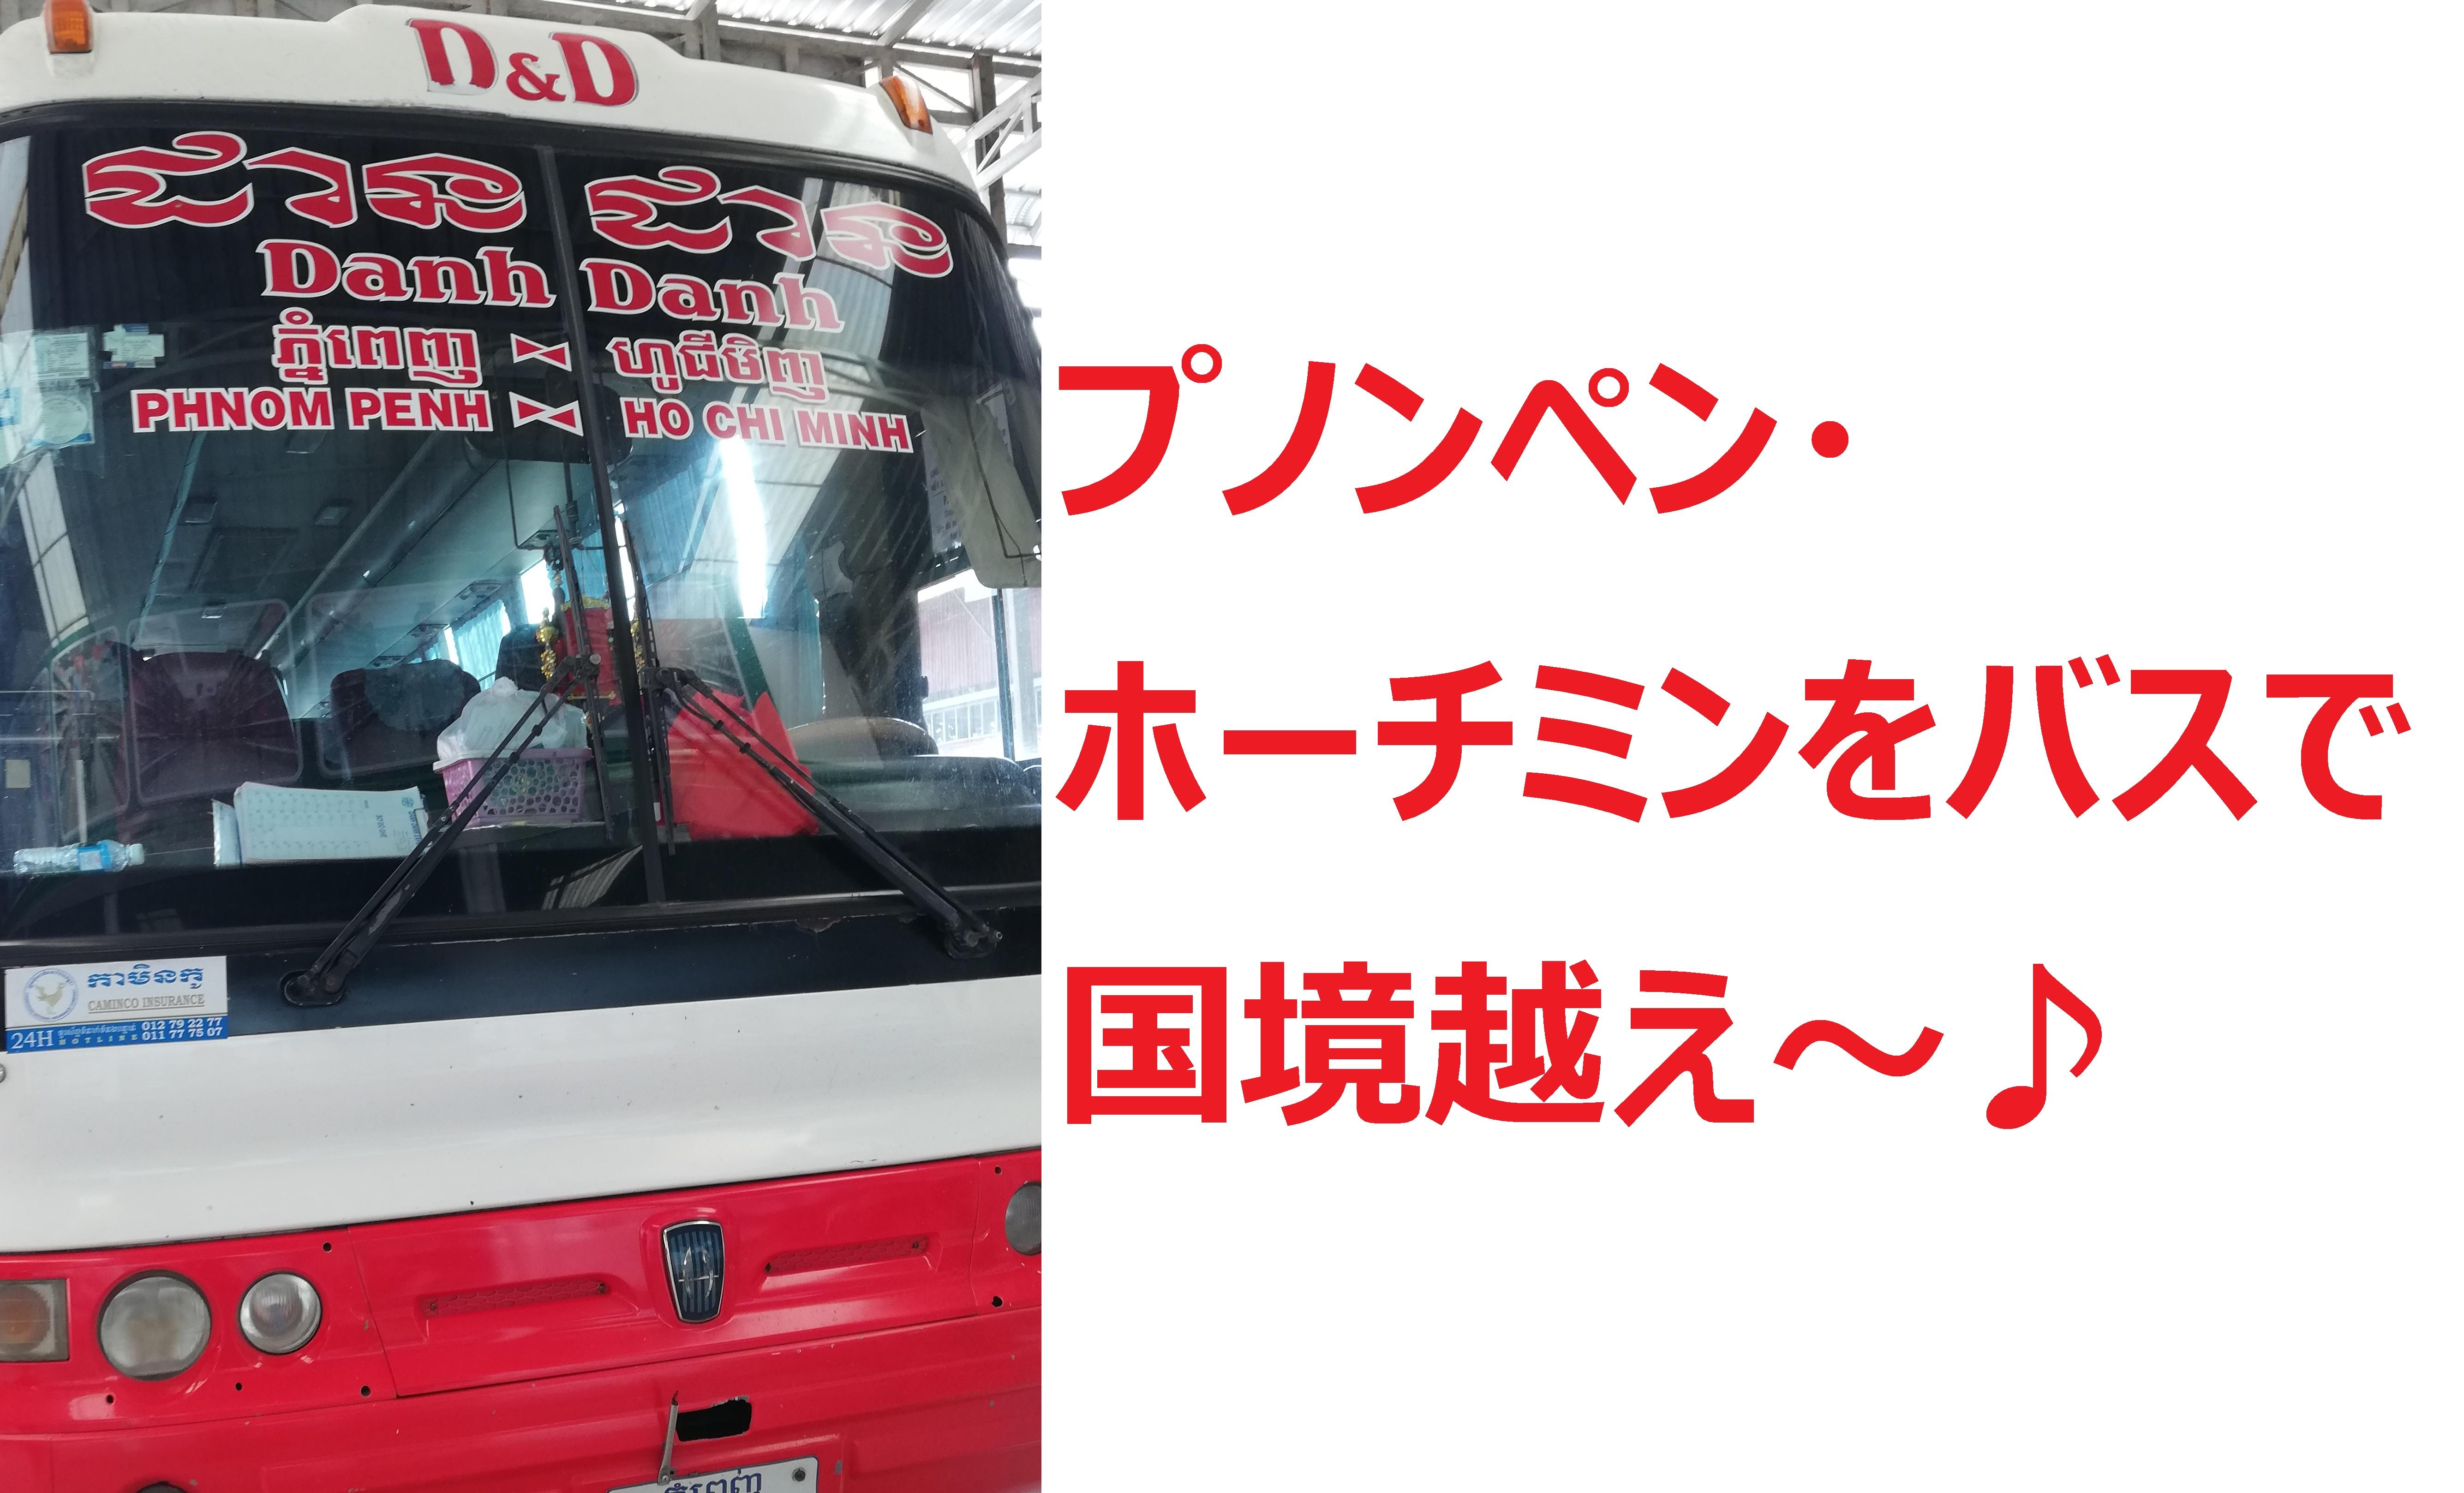 プノンペン・ホーチミンバスのアイキャッチ画像